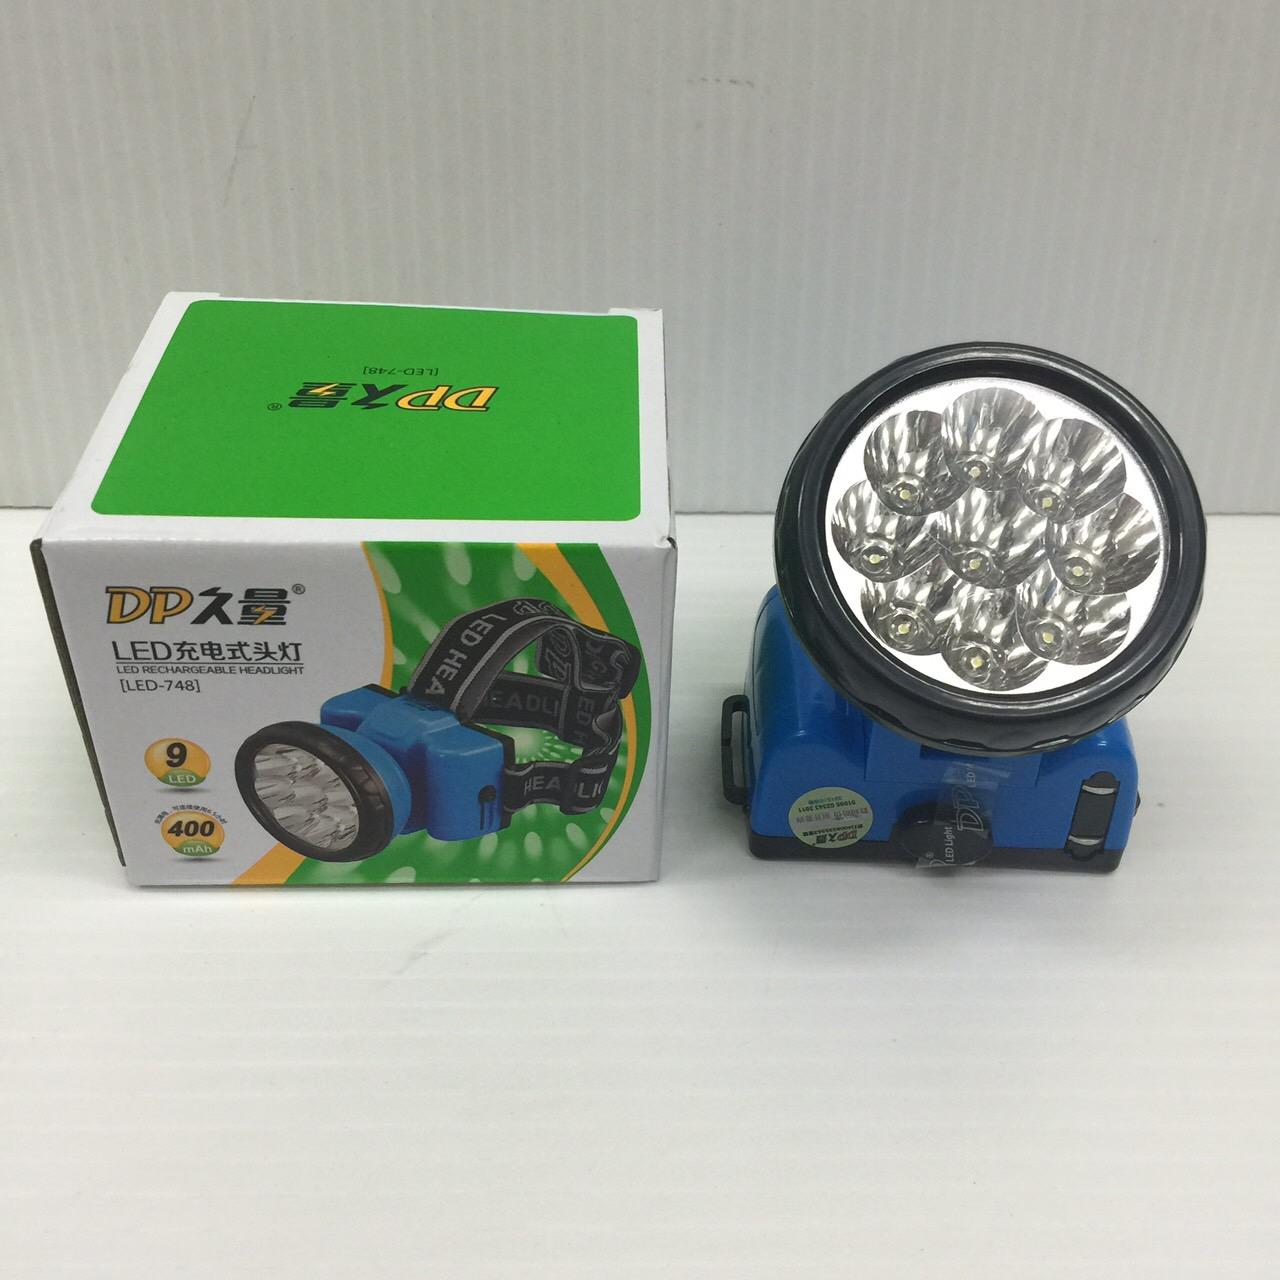 ไฟคาดหัว DP รุ่น LED-748